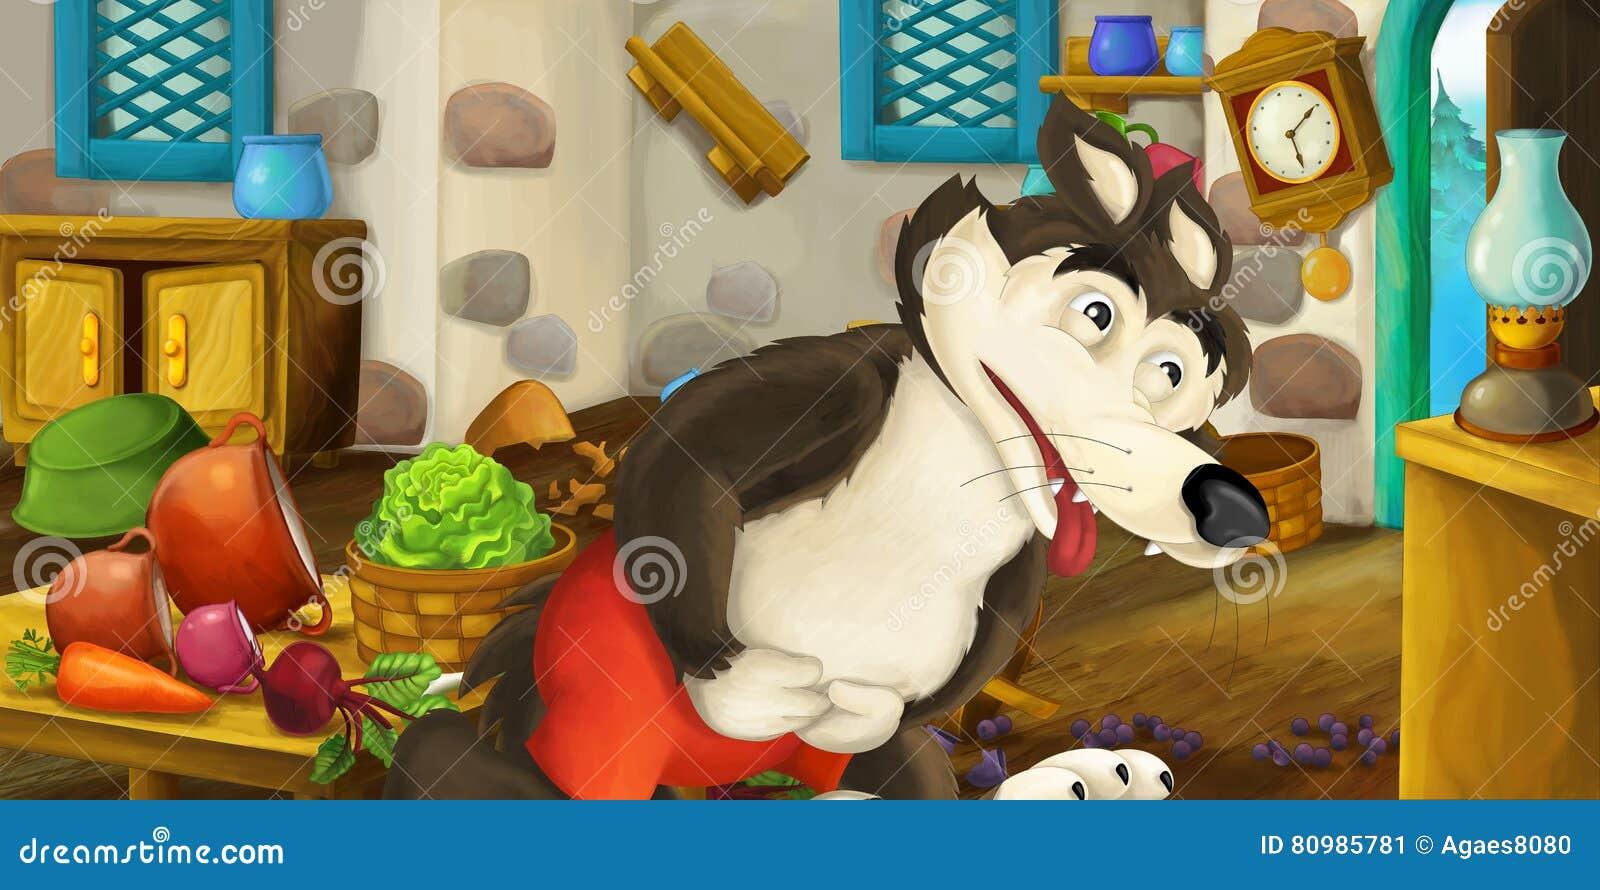 Overeaten de beeldverhaal gelukkige en grappige scène van oude stijlkeuken en wolf - voor verschillend gebruik